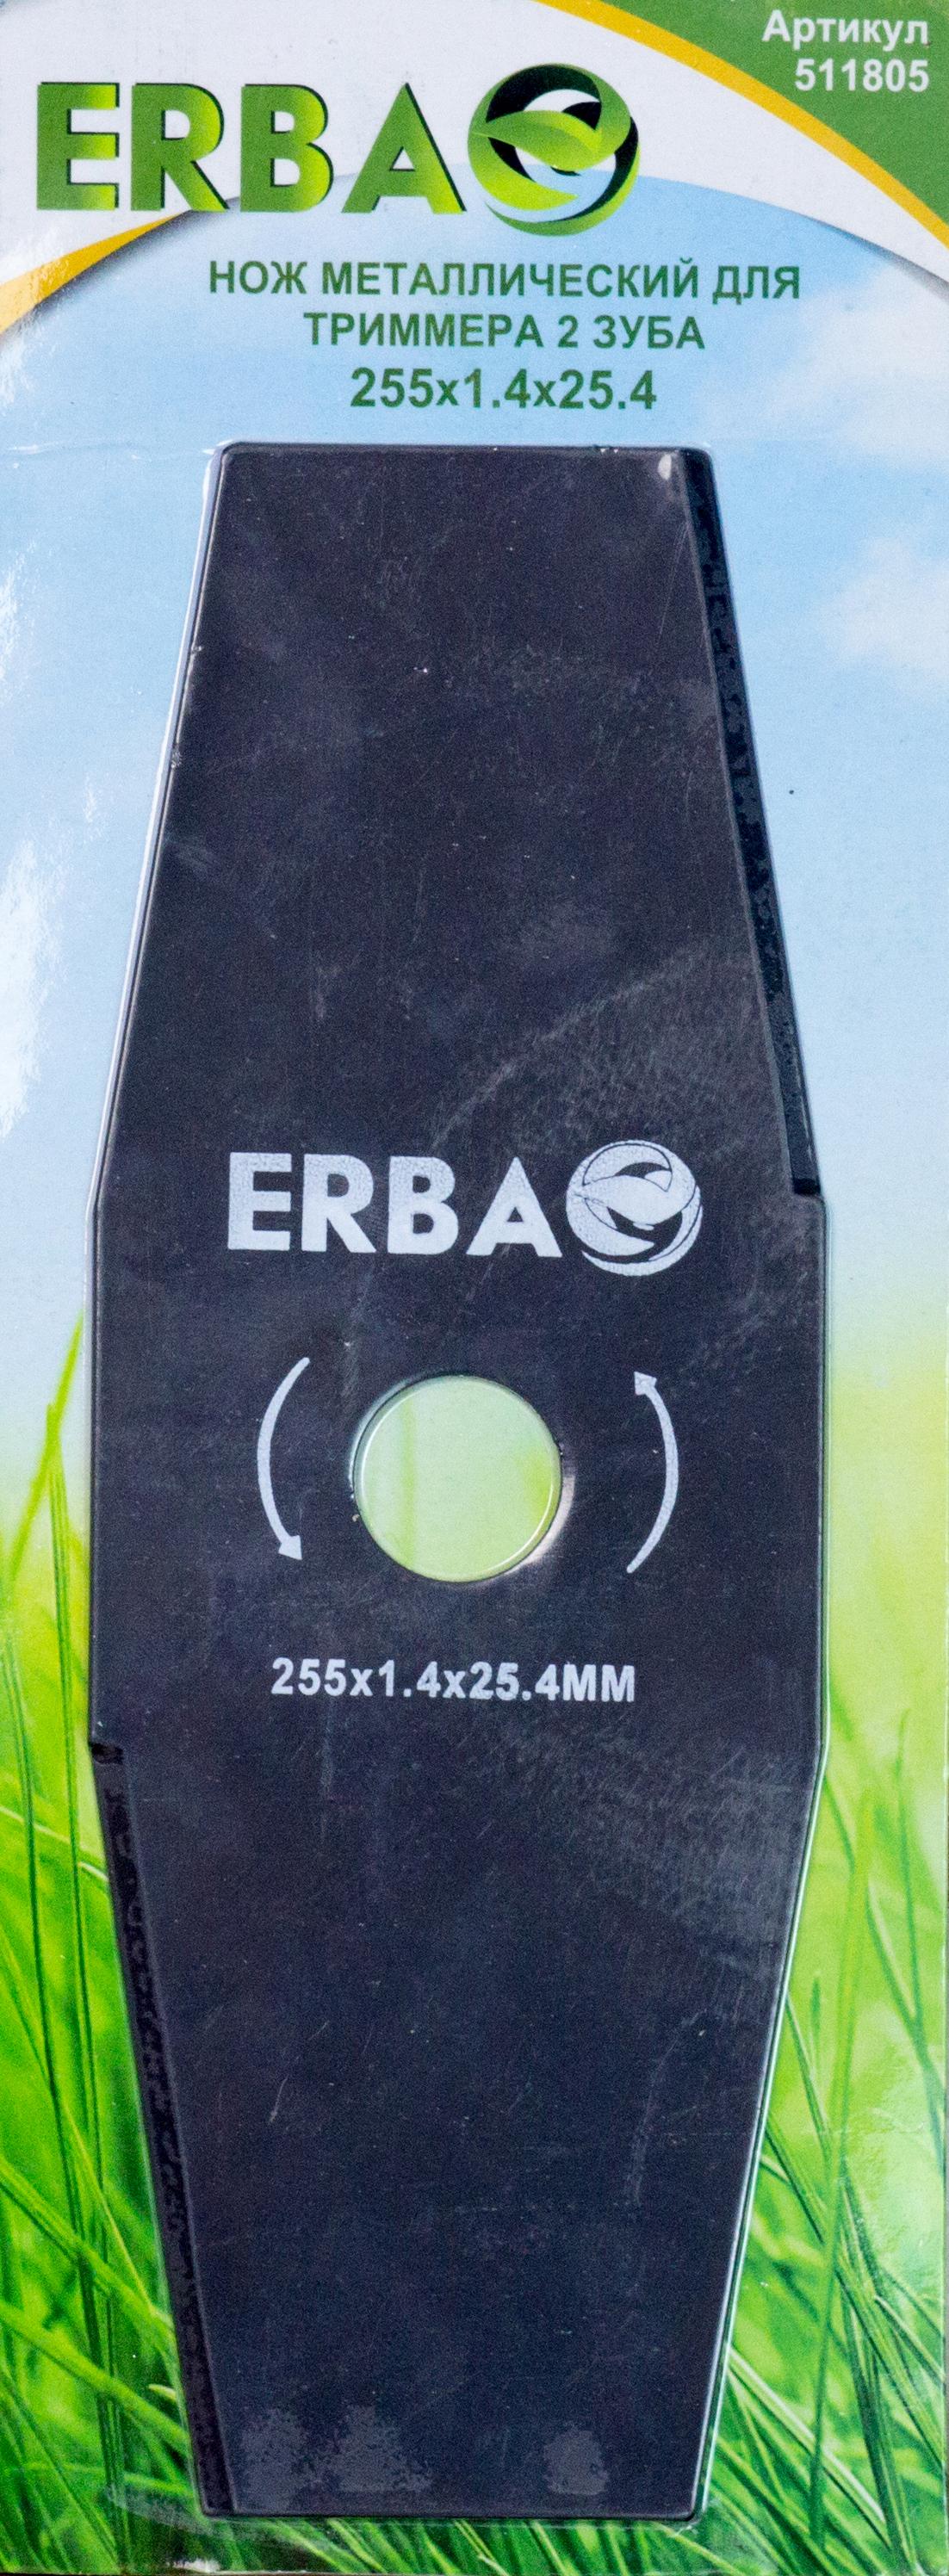 Нож для триммера Erba, 2 зуба, 25 х 2,54 см511805Предназначен для любого вида триммера, где предусмотрена установка ножа. Для скашивания жесткой и сухой травы.